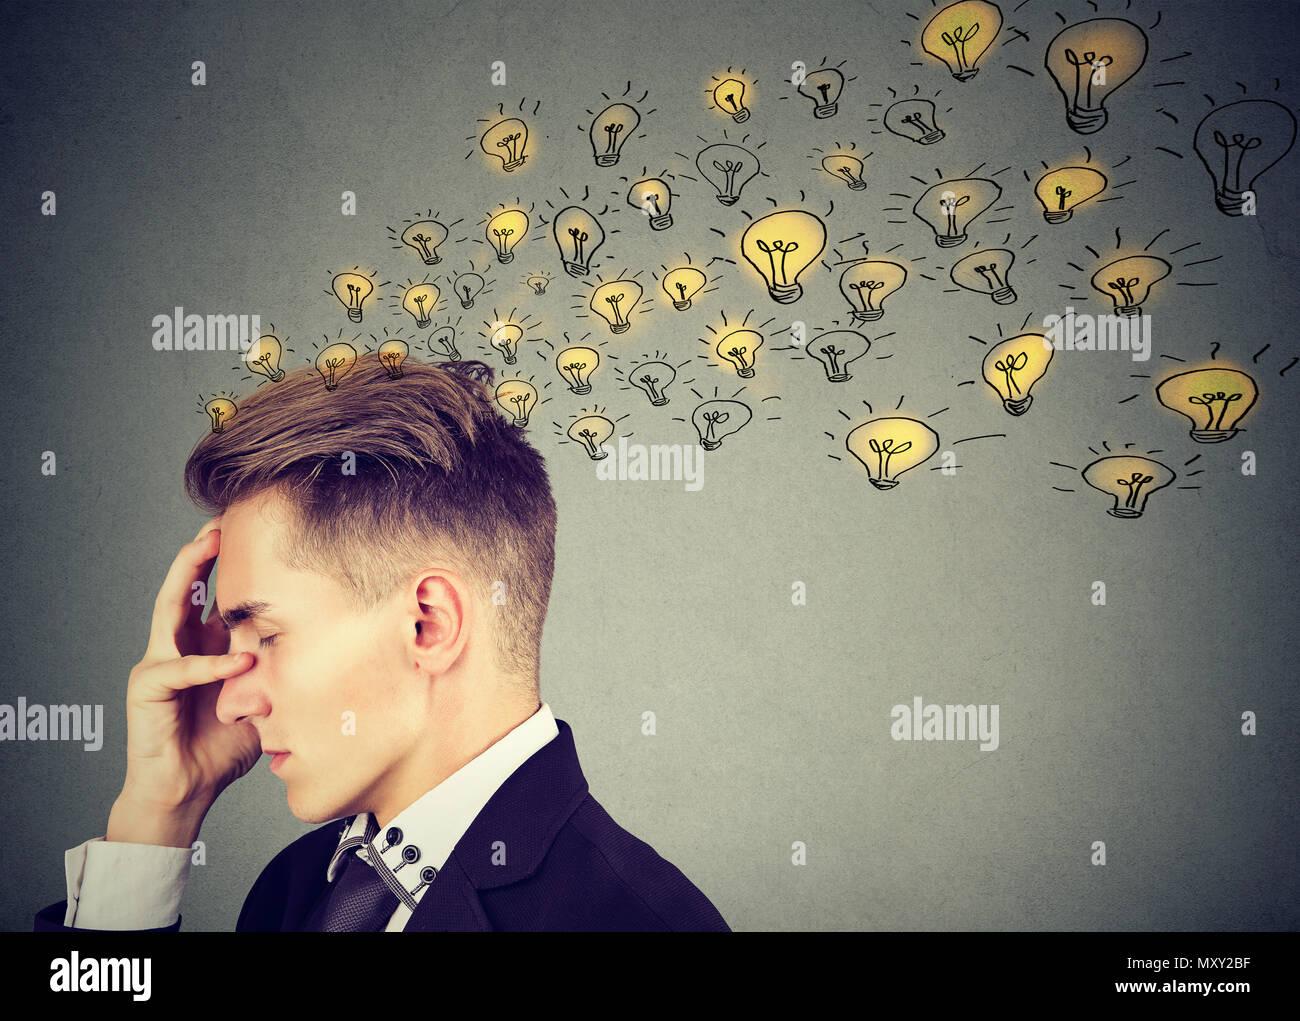 Contemplando l'uomo tenendo la mano sulla fronte e la creazione di un sacco di idee brillanti su grigio Immagini Stock